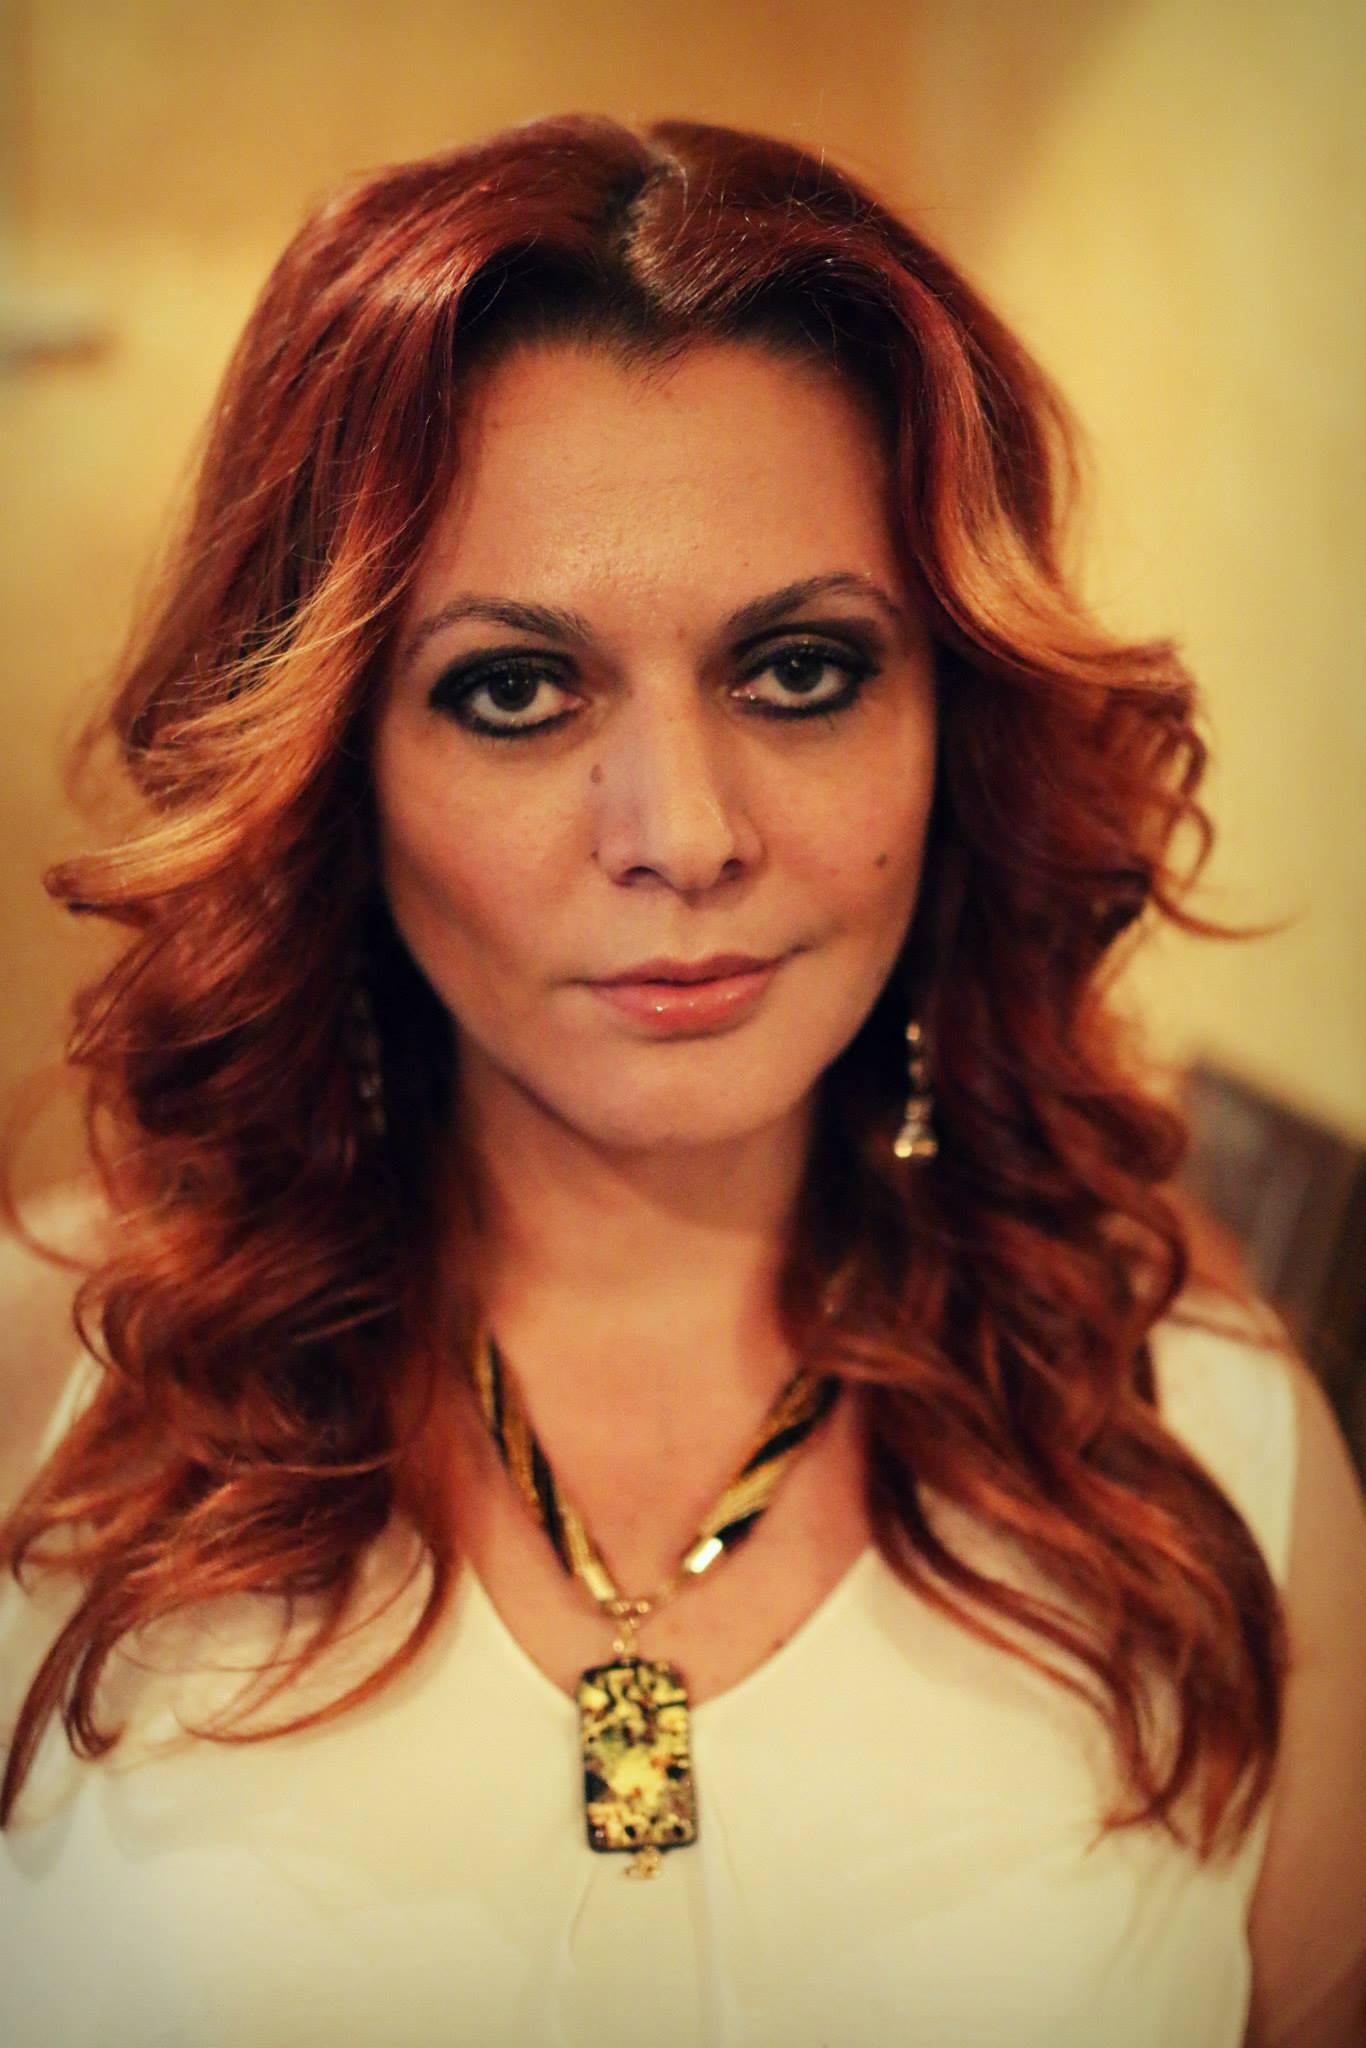 Diana Nechit